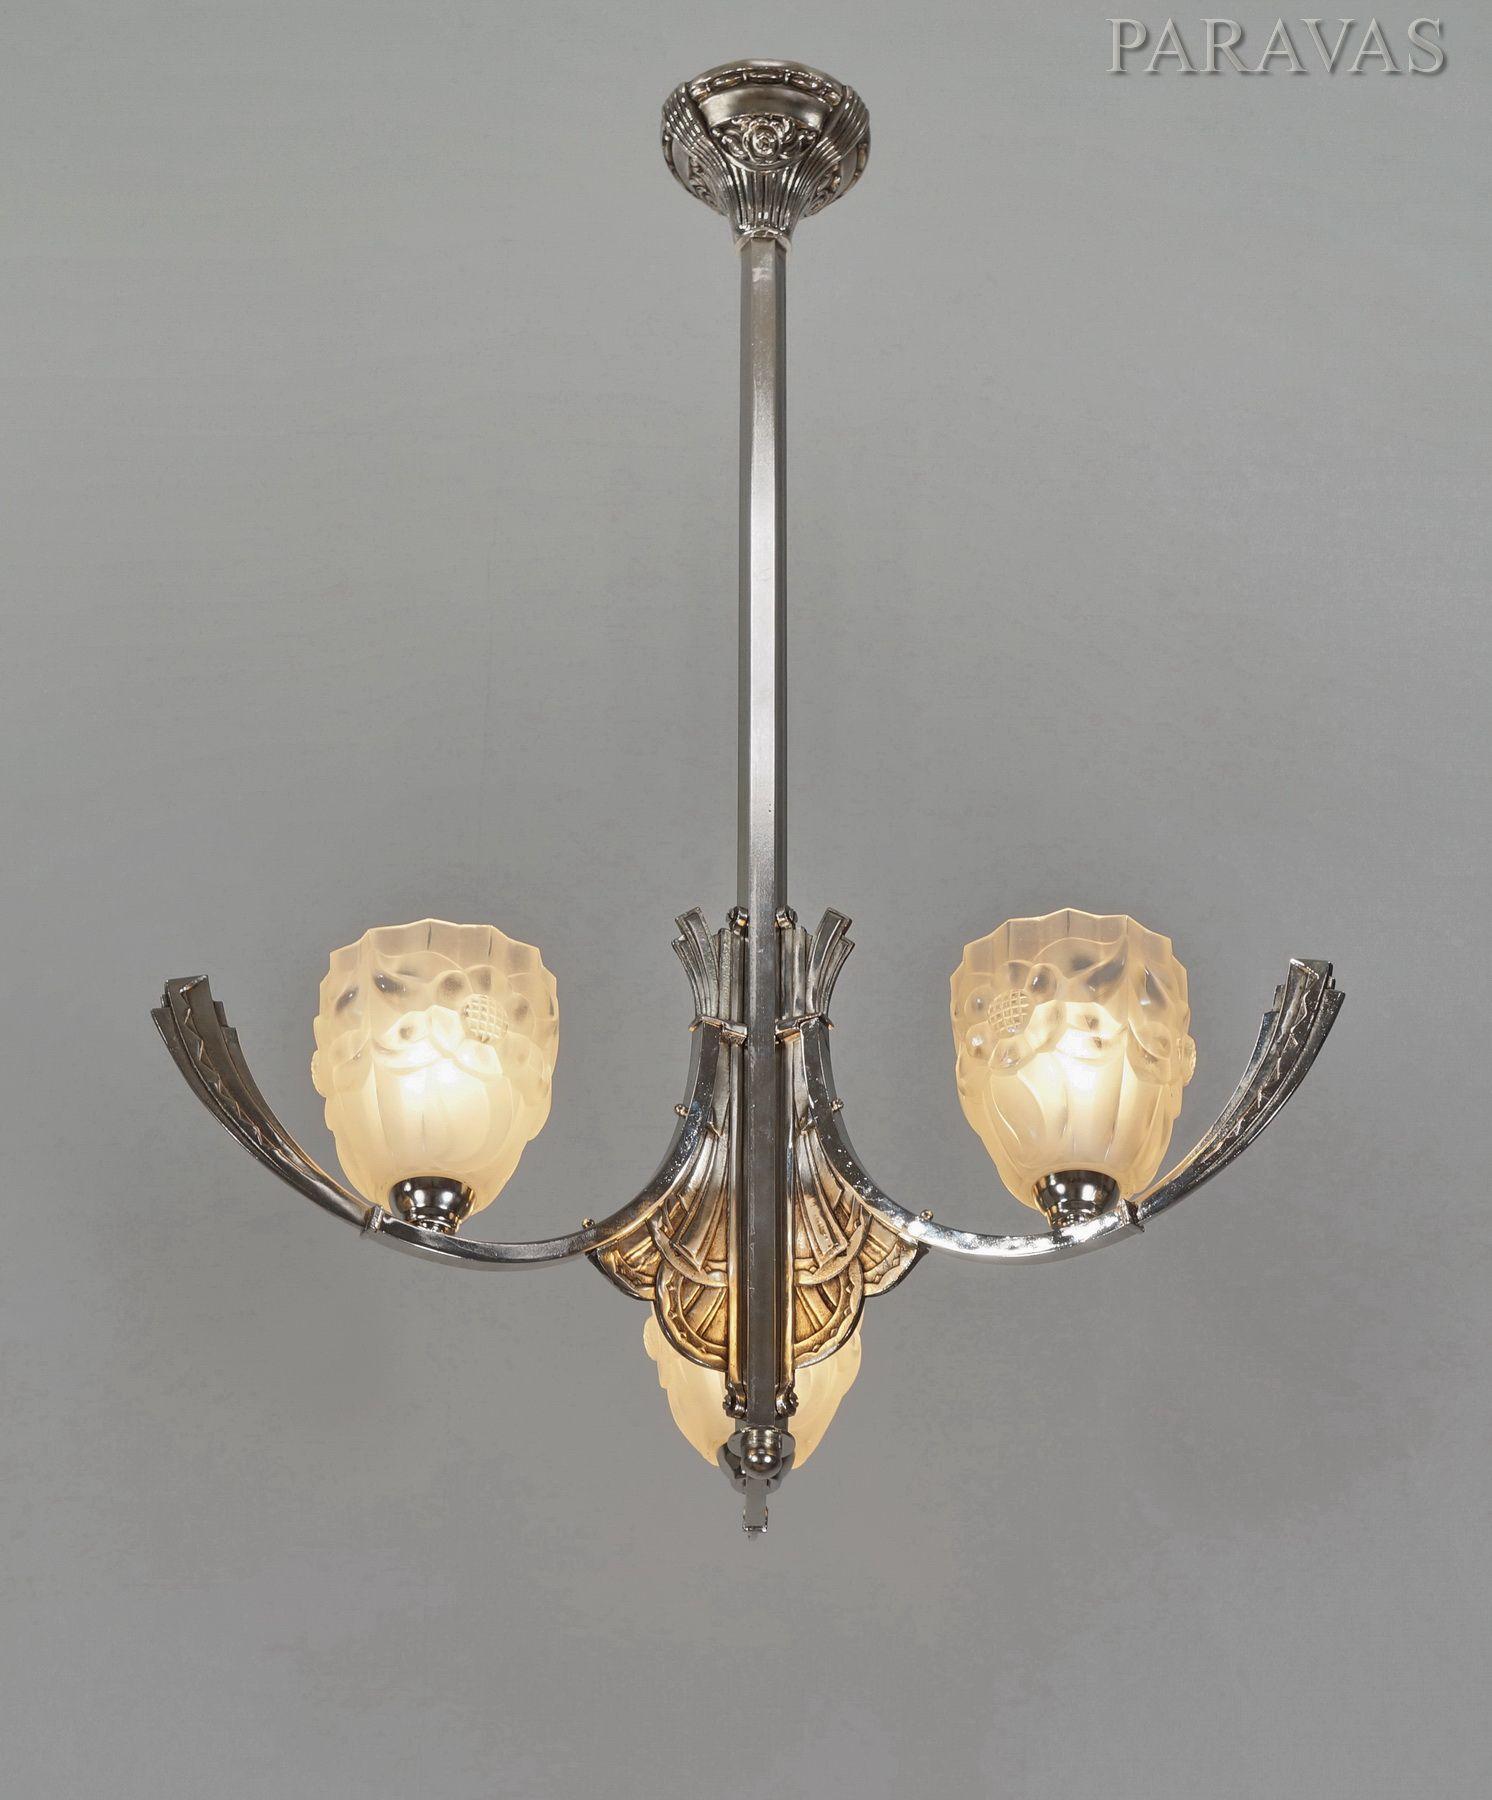 DEGUÉ French 1930 art deco chandelier paravas-ebay | Lamparas ...